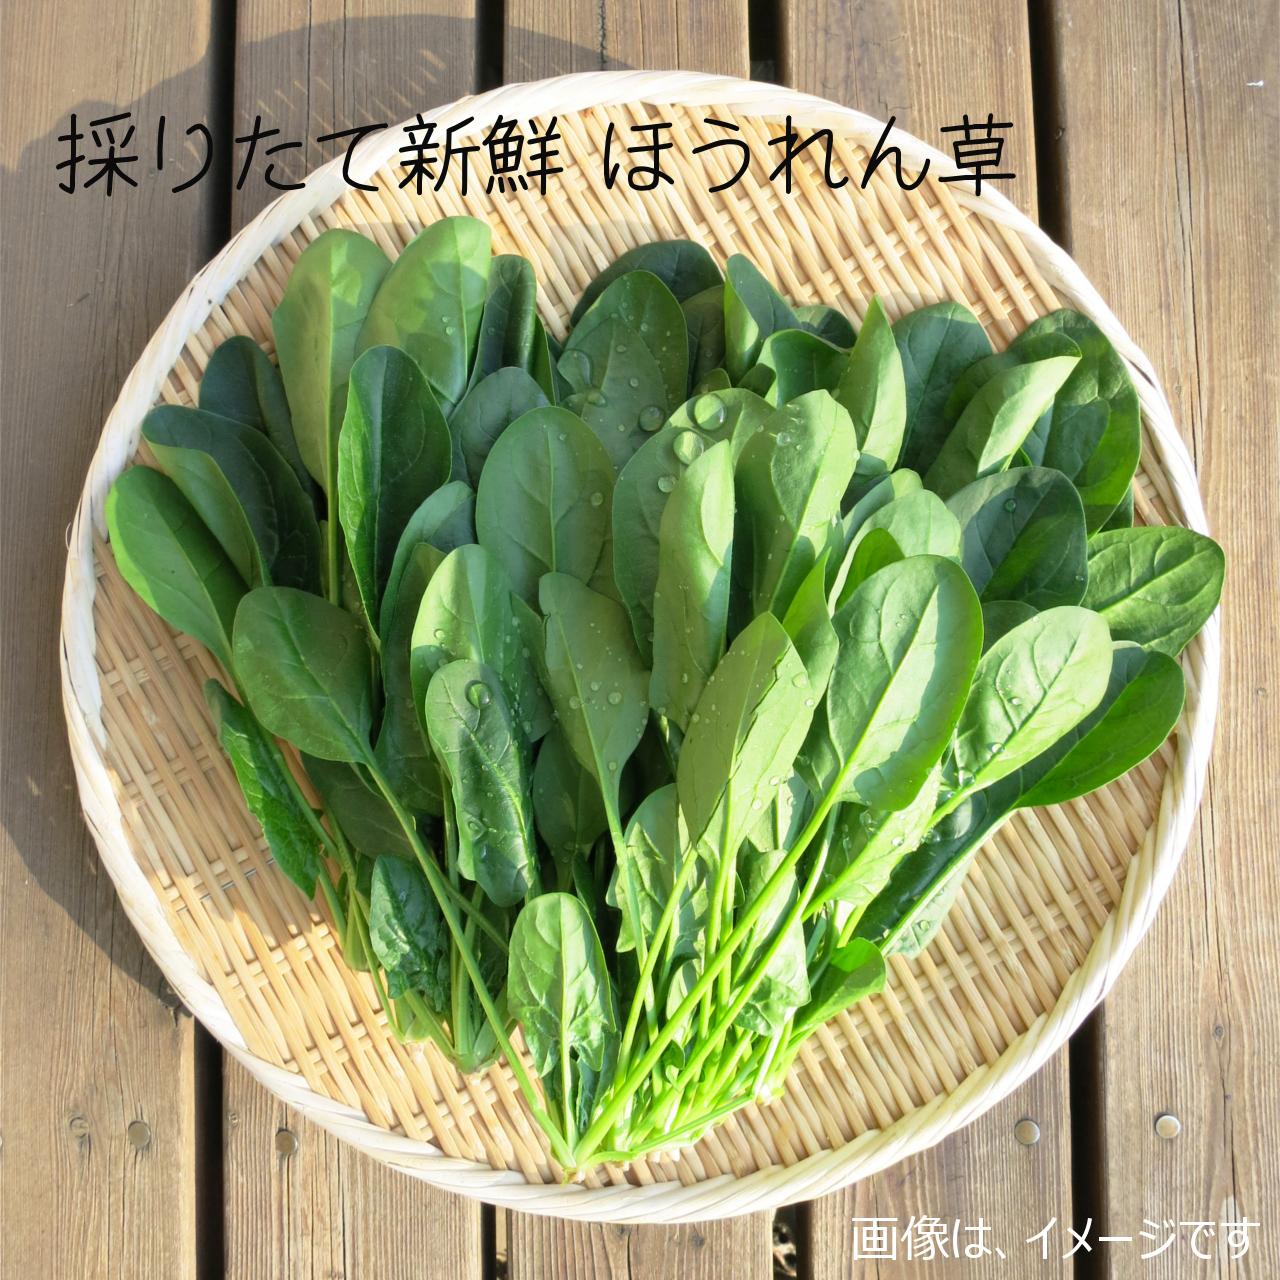 6月の新鮮野菜 : ホウレンソウ 約250g 朝採り直売野菜 6月27日発送予定